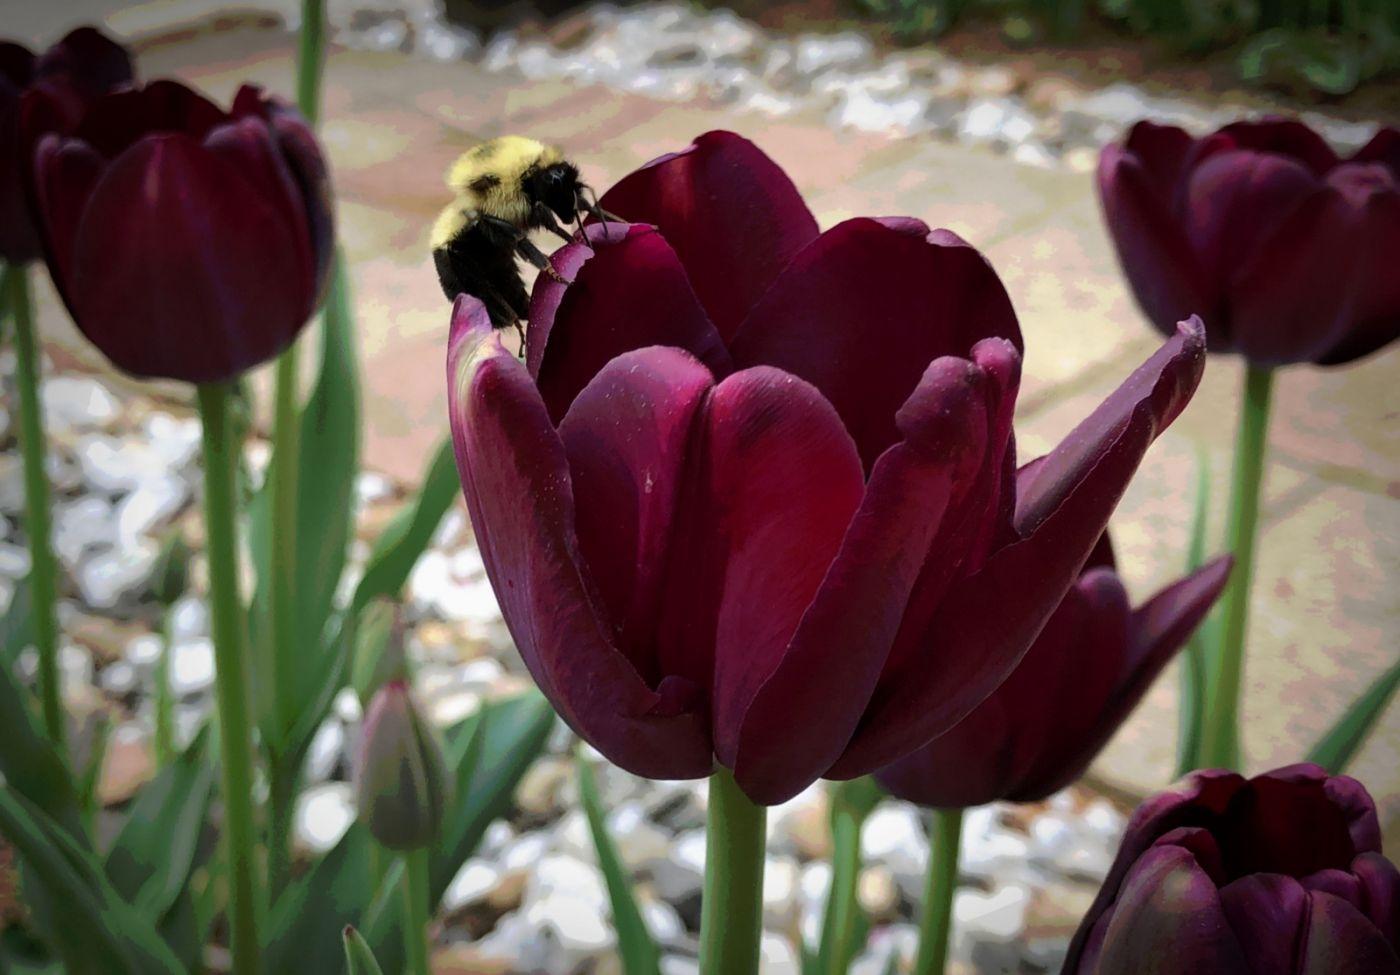 【田螺手机摄影】我后院的紫金香也全部开了_图1-7